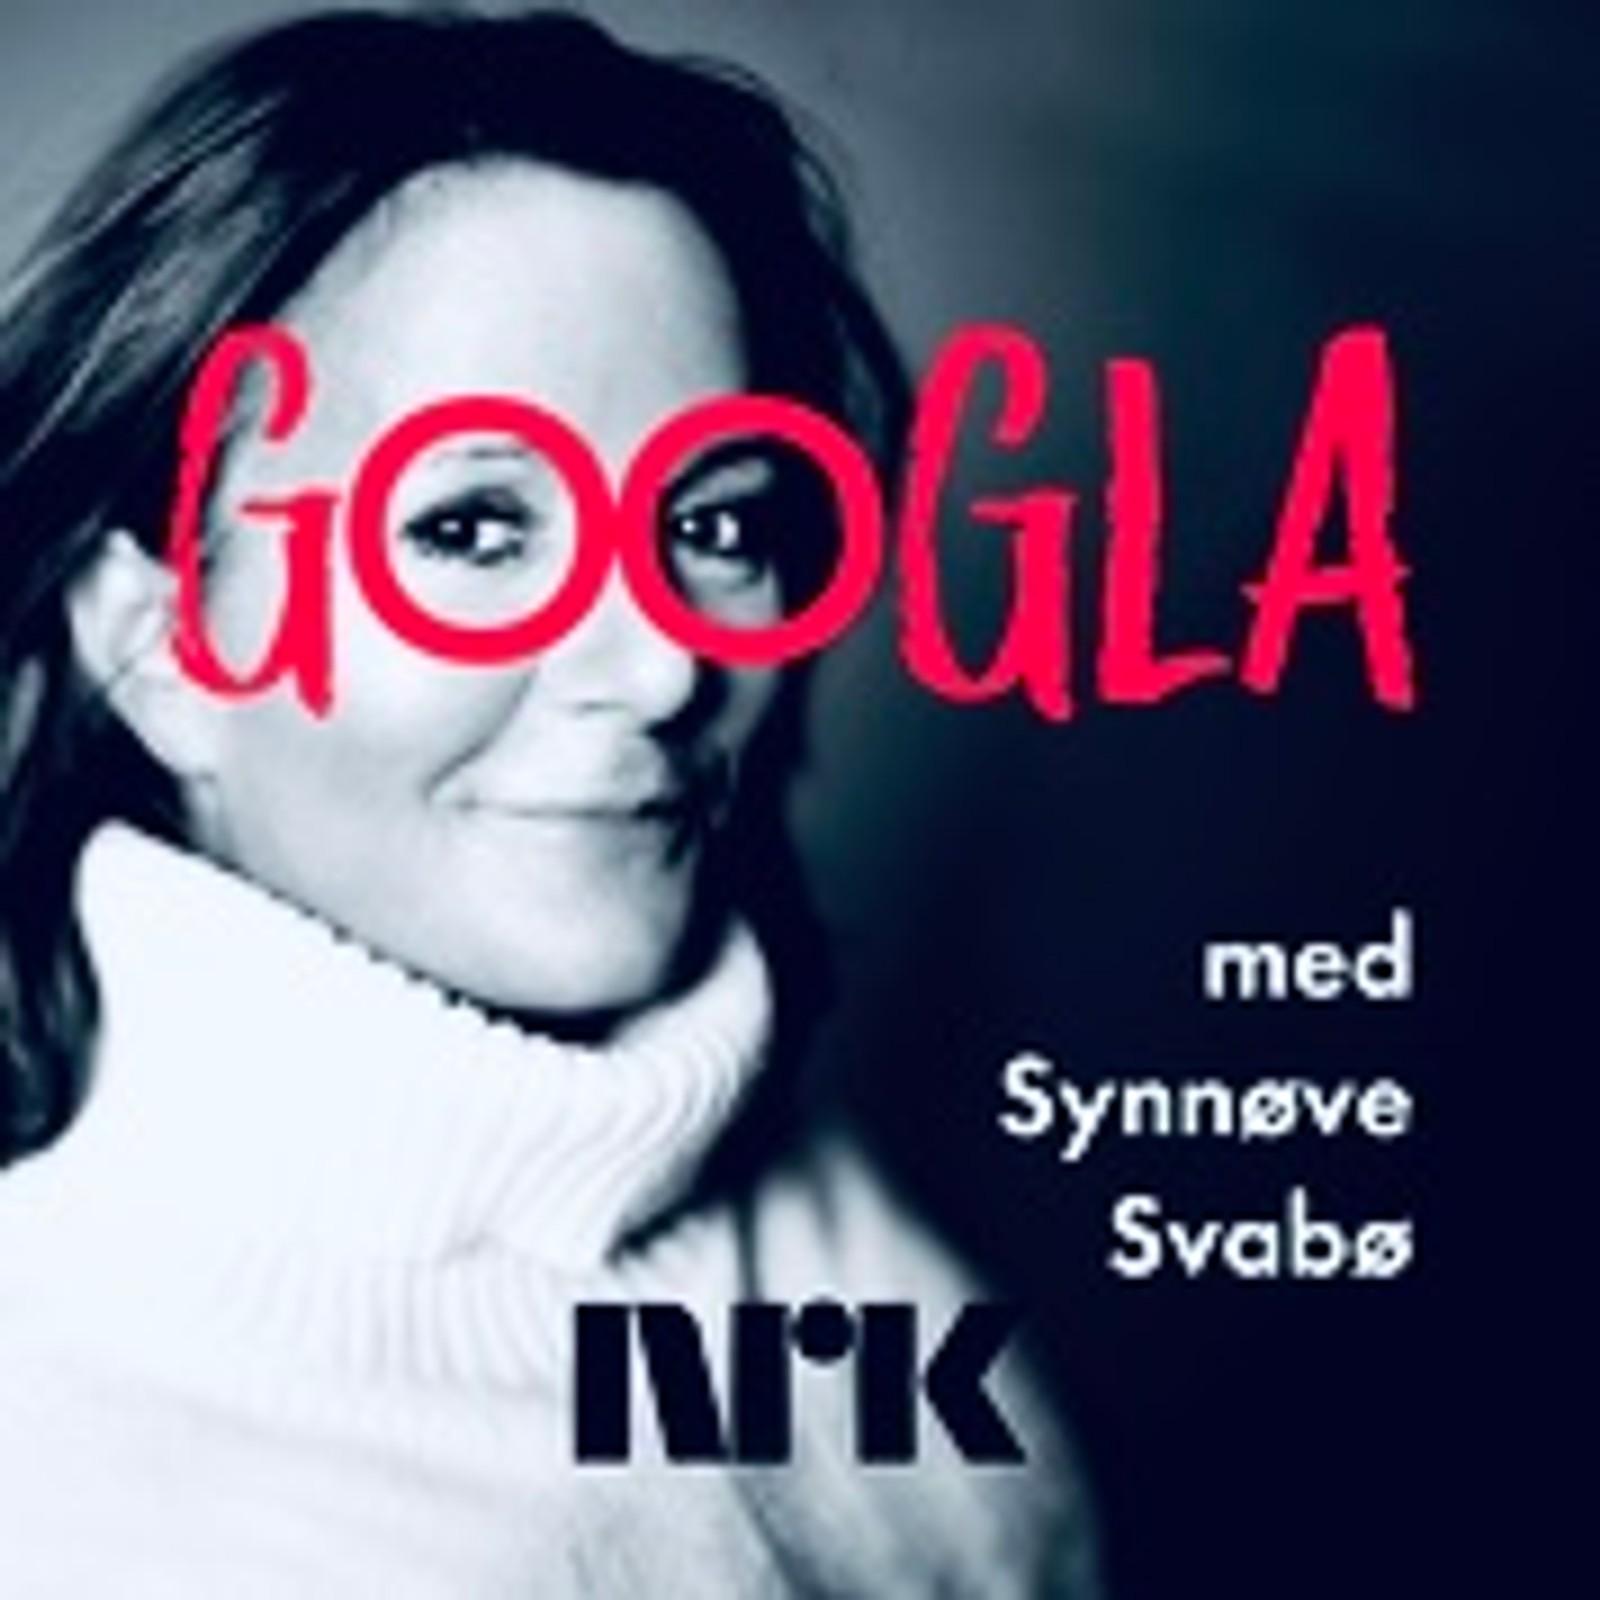 Googla med Synnøve Svabø